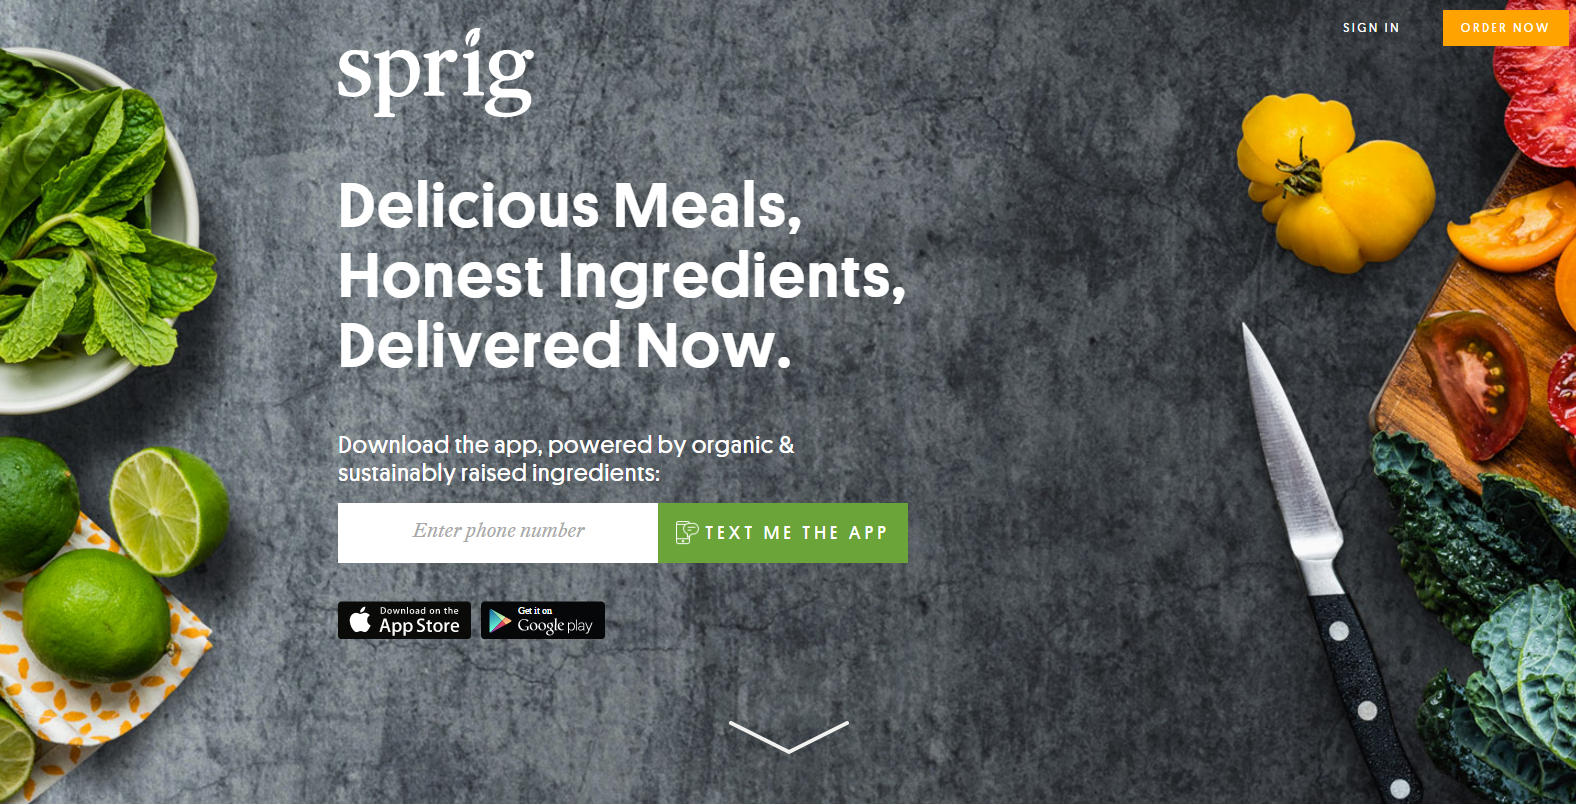 9. Sprig (доставка еды)